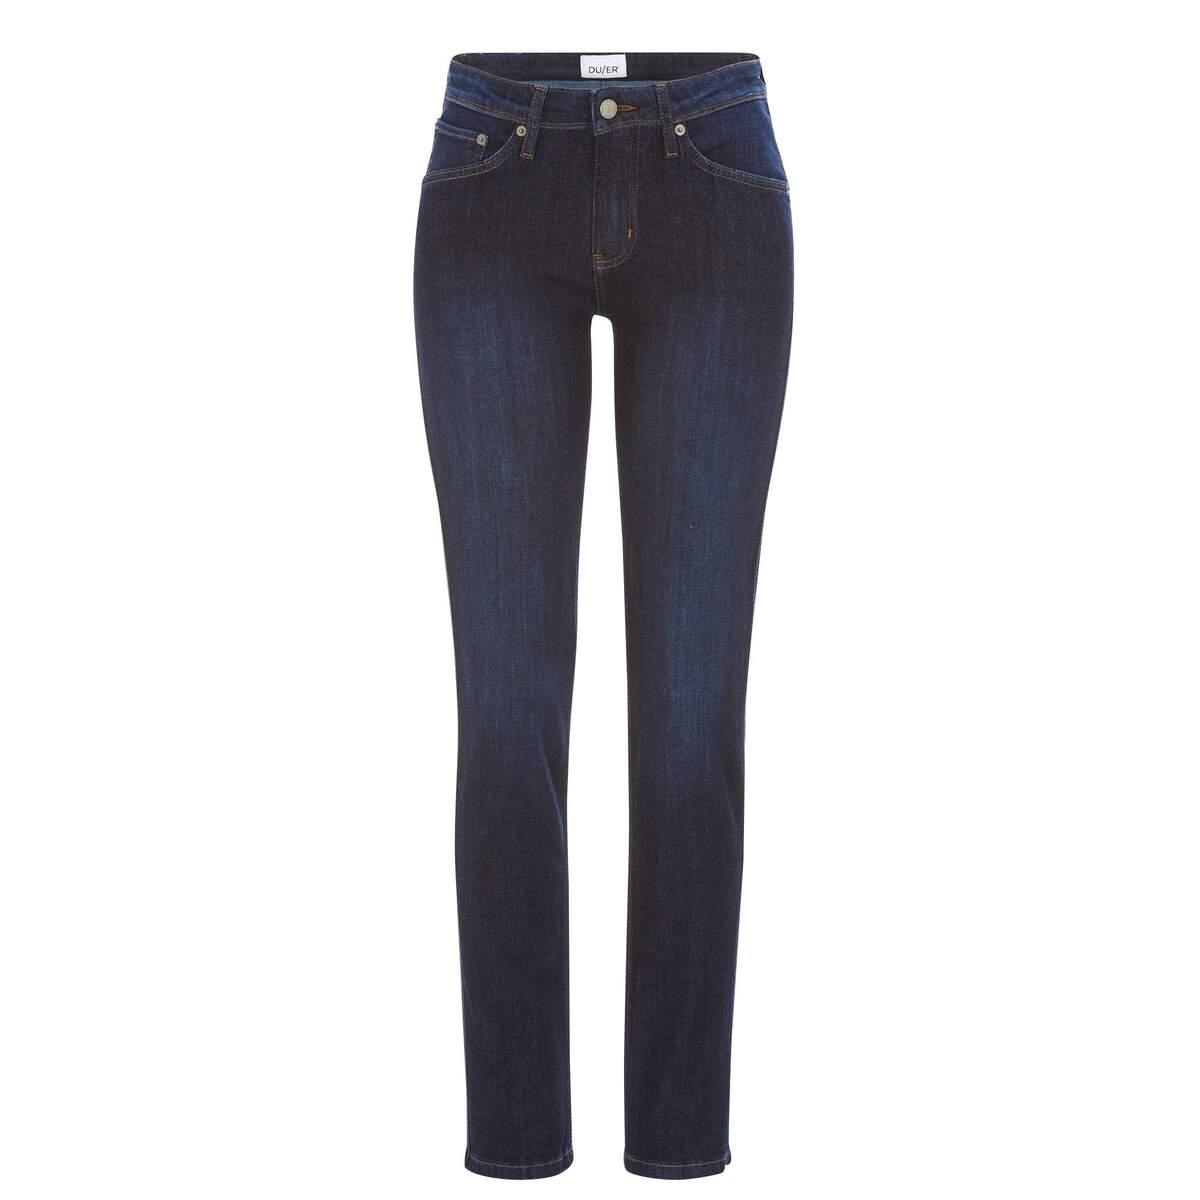 Bild 1 von DU/ER PERFORMANCE DENIM SLIM STRAIGHT Frauen - Jeans